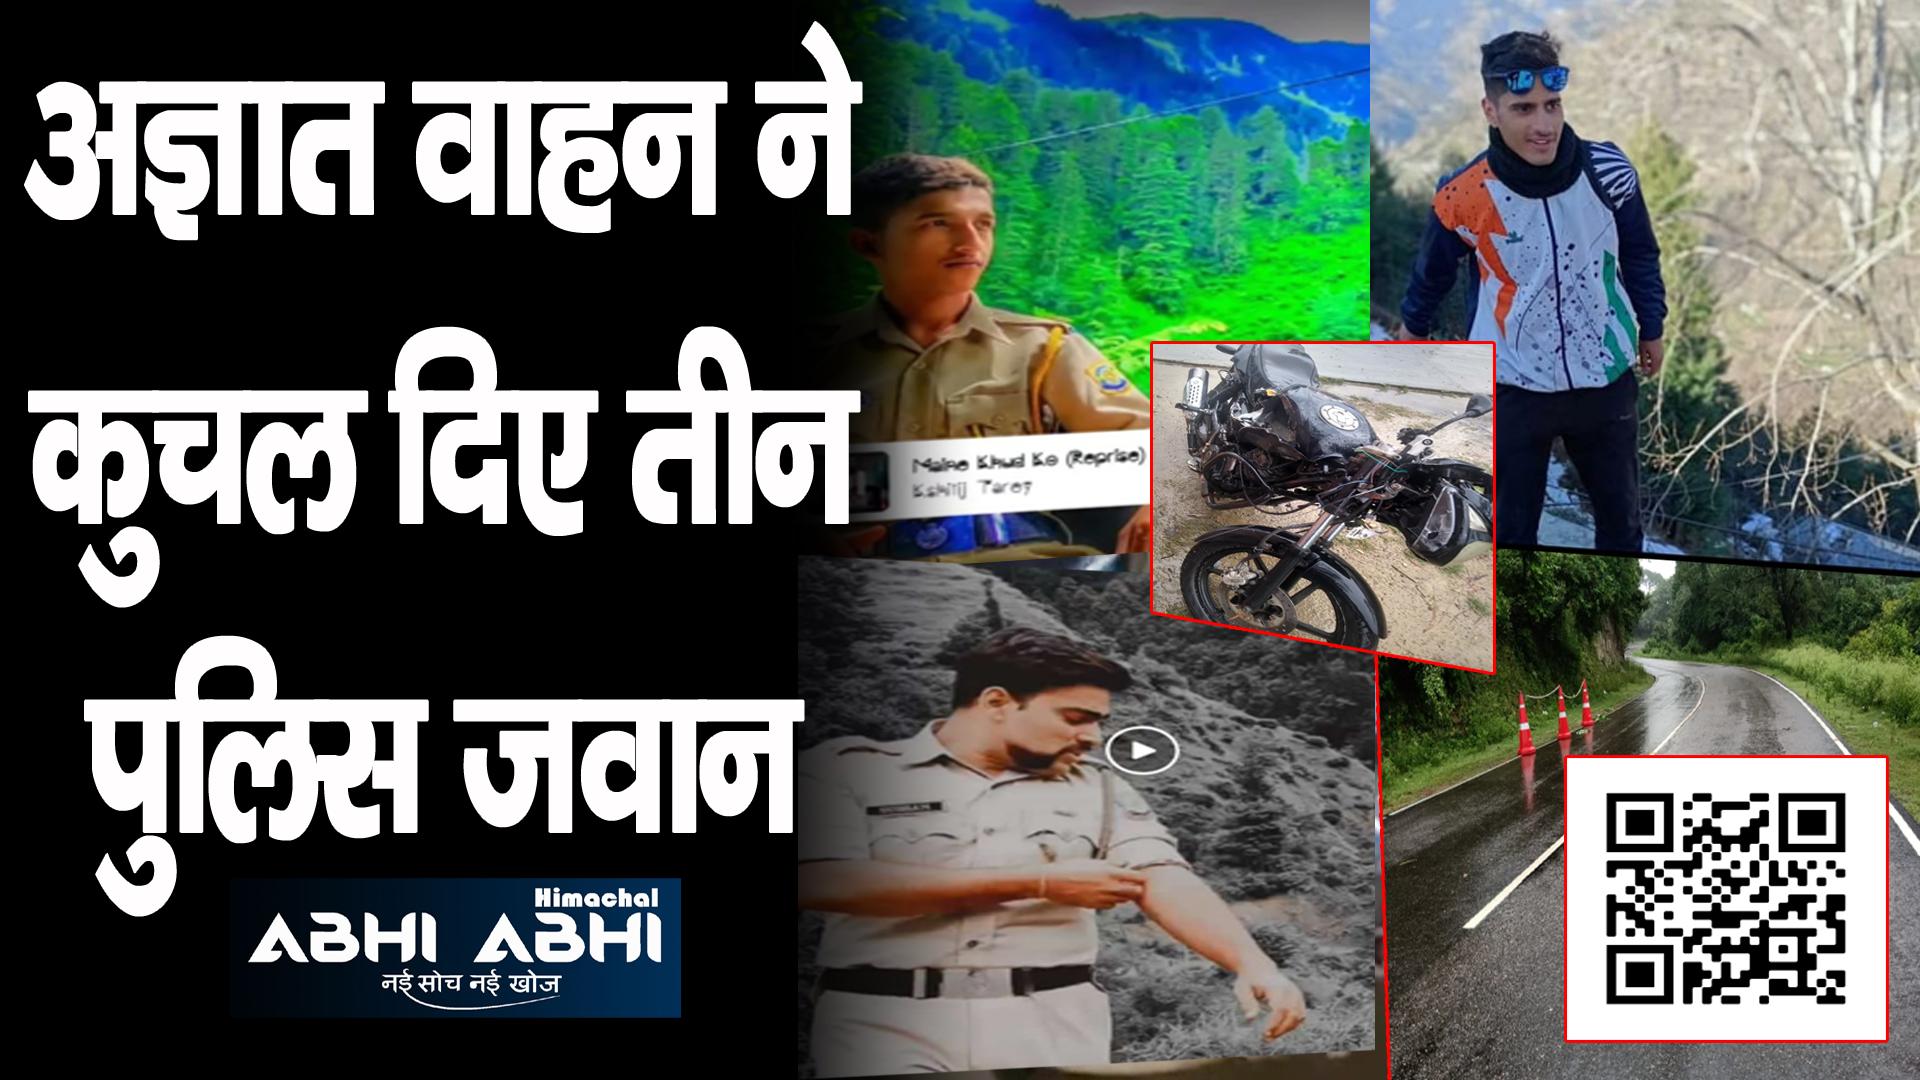 हिमाचलः ऊना में तीन पुलिस जवानों को कुचला, नादौन निवासी ट्रक चालक गिरफ्तार